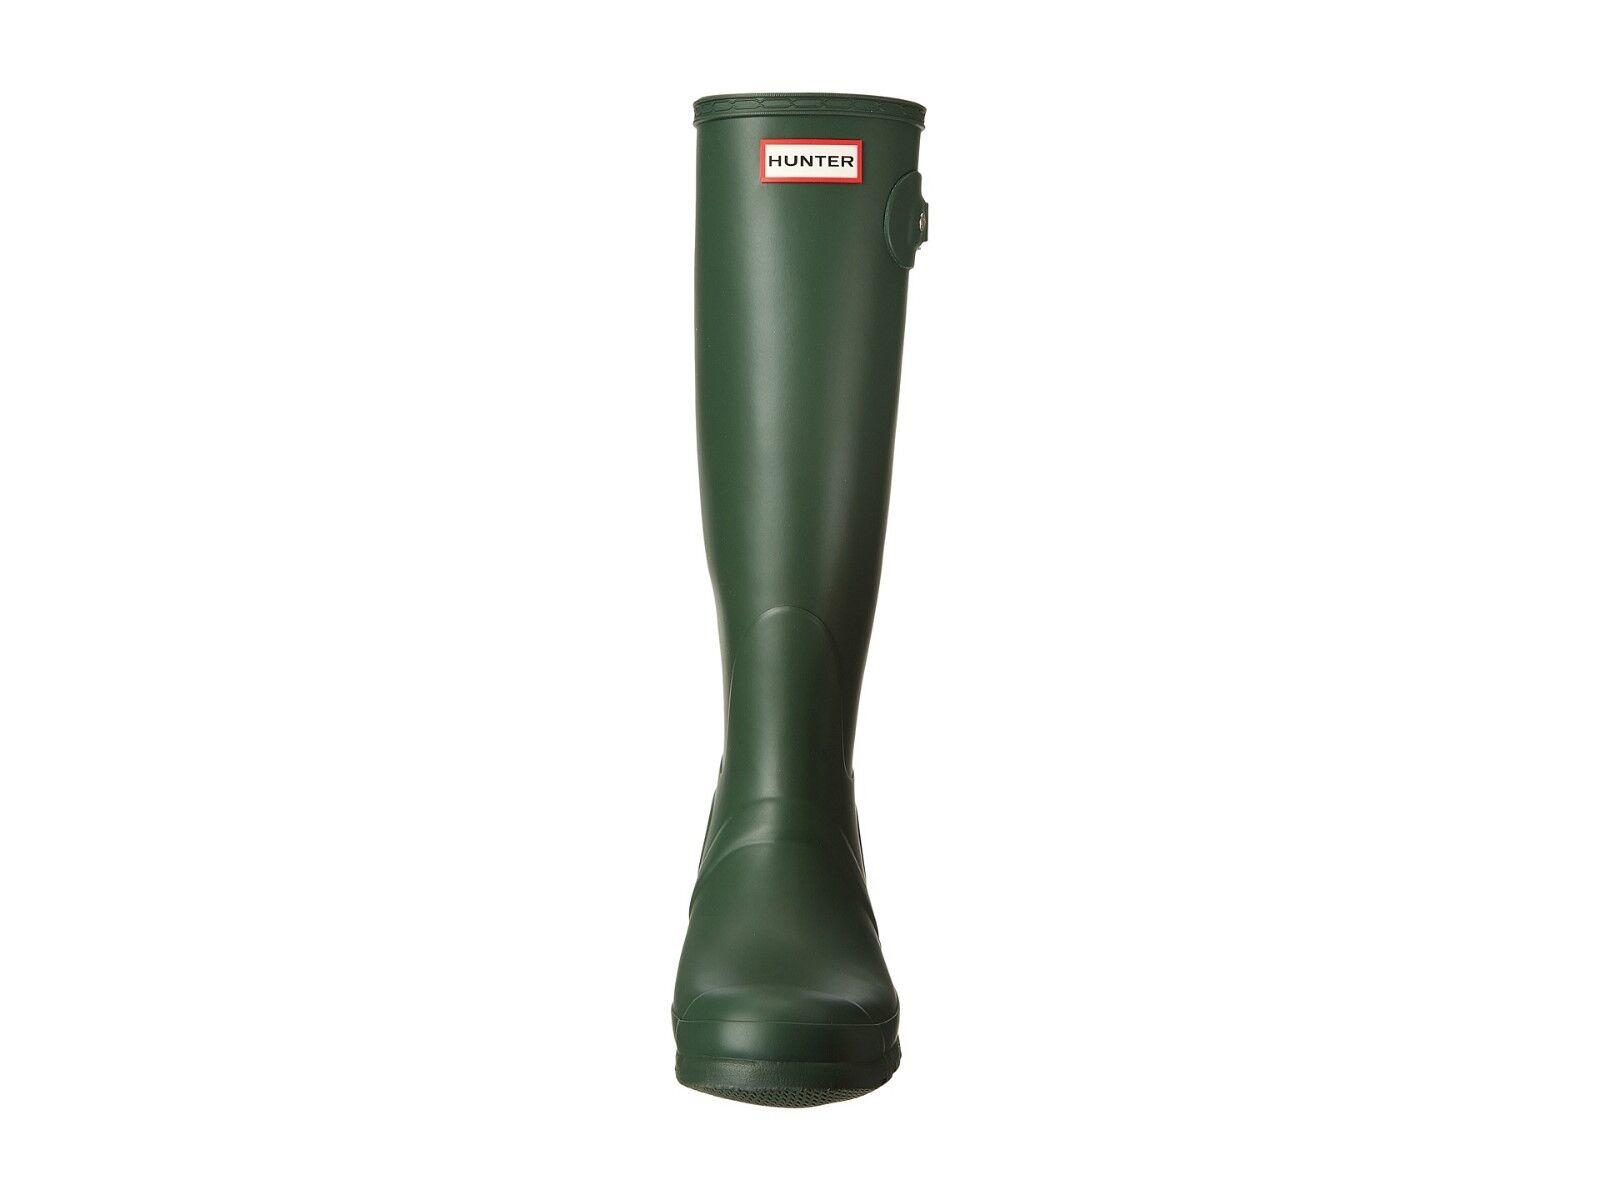 NEW Damenschuhe HUNTER Tall Grün Original RAIN Waterproof  Stiefel Matte Grün Tall  Größe 6 34534c